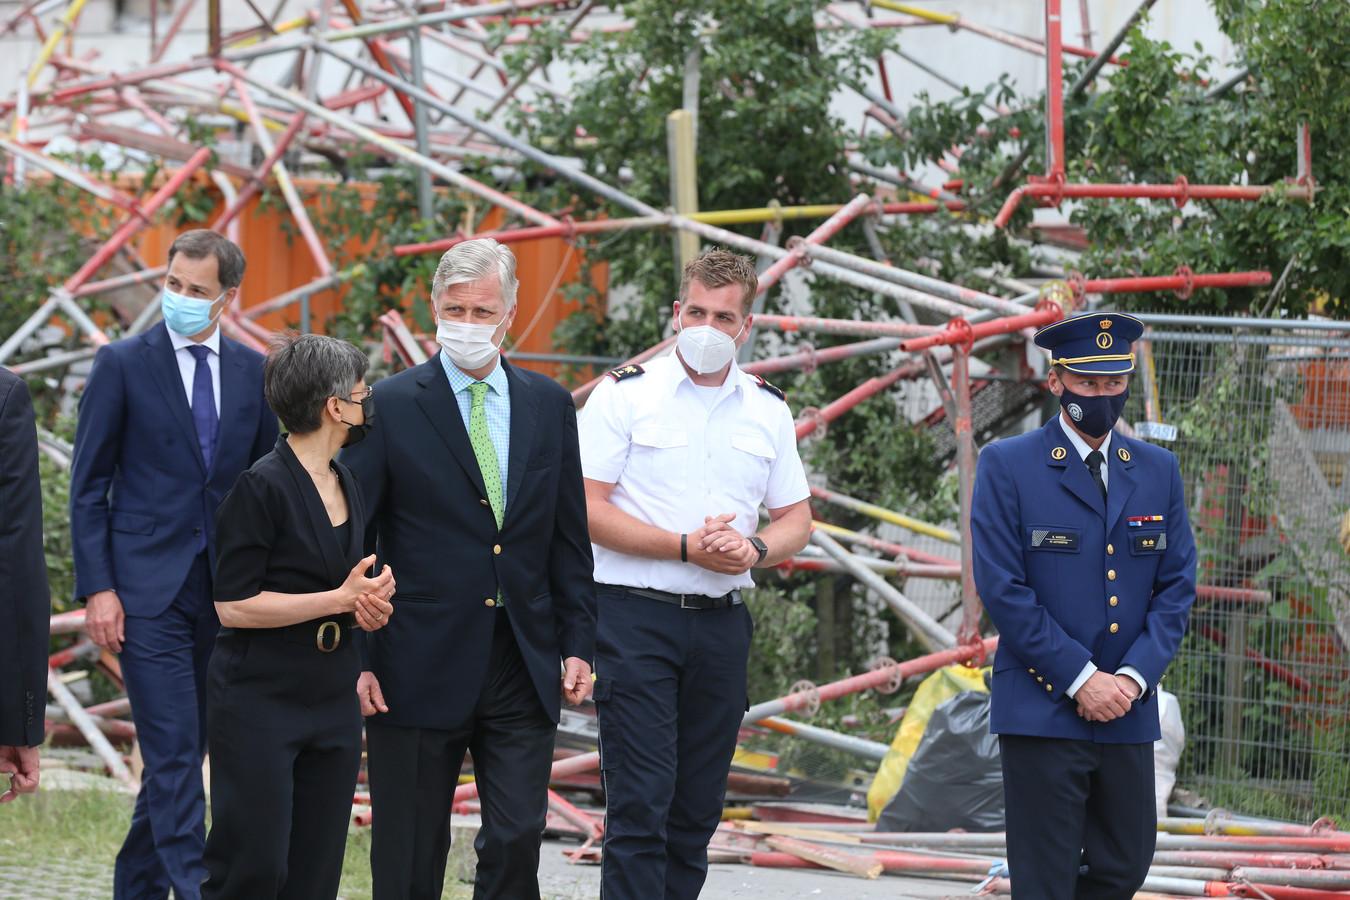 Koning Filip van België op bezoek bij de puinhopen in Antwerpen.